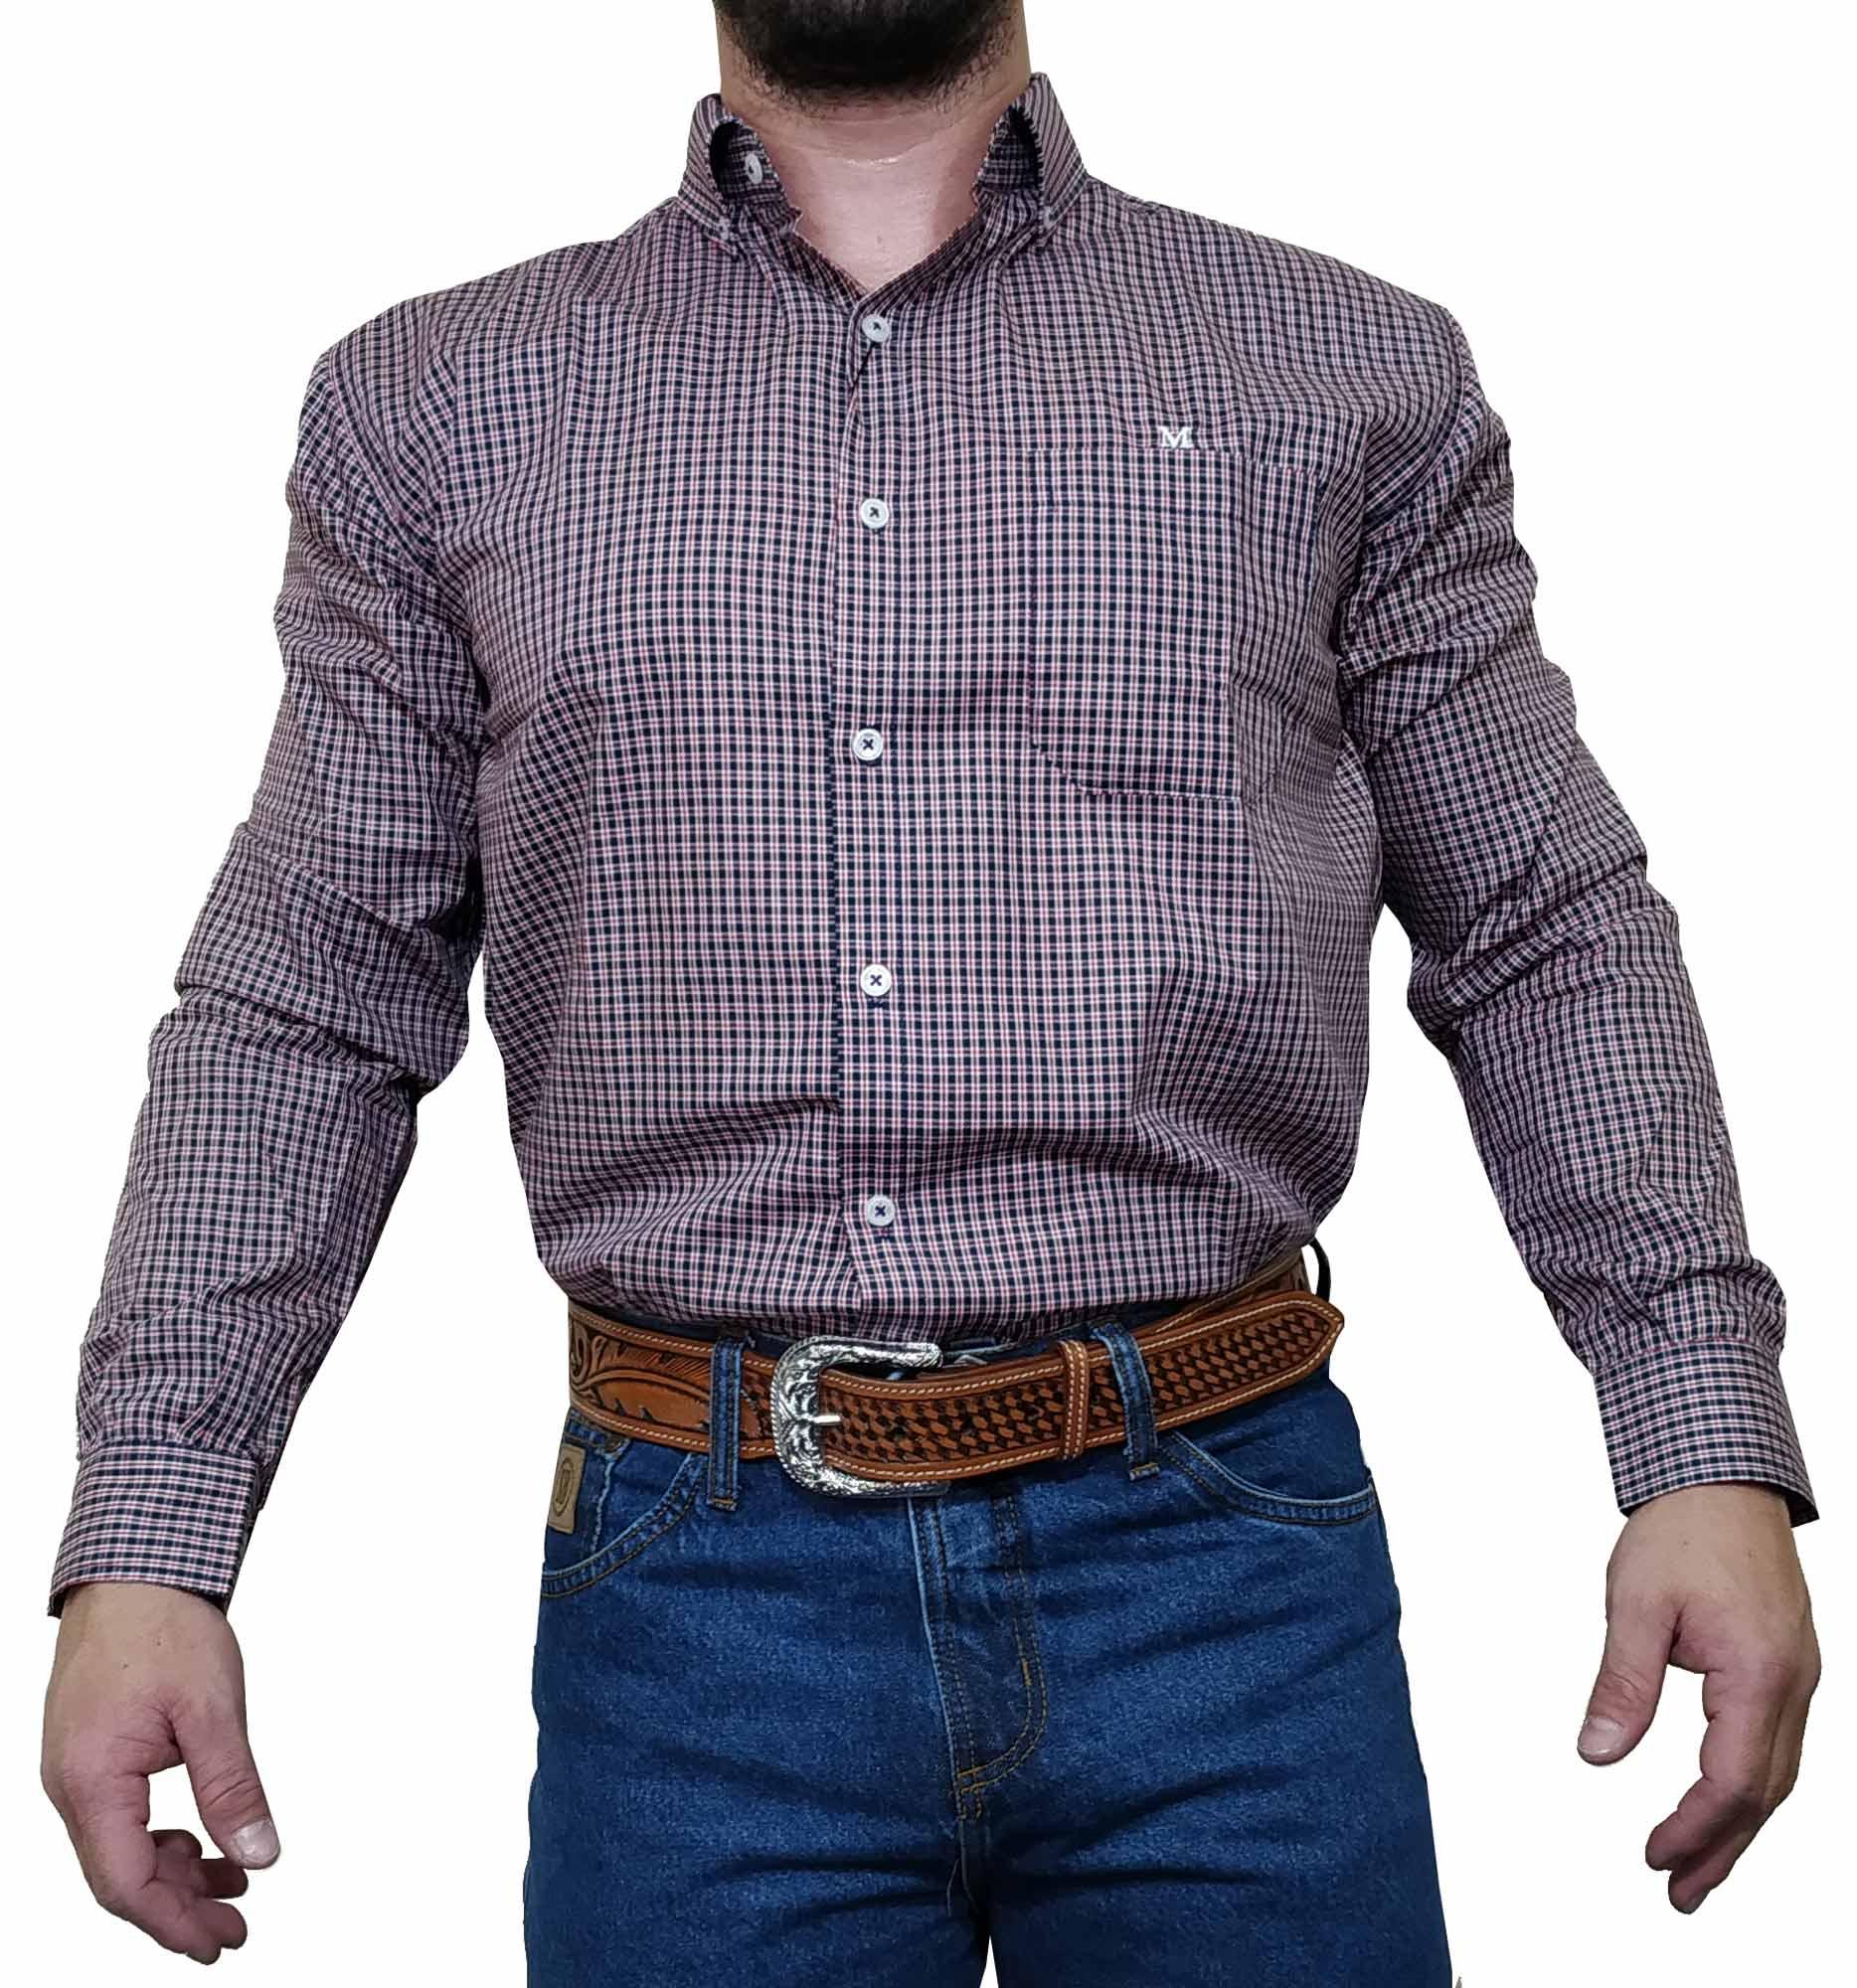 Camisa Masculina Minuty Country Xadrez Ref. 2910